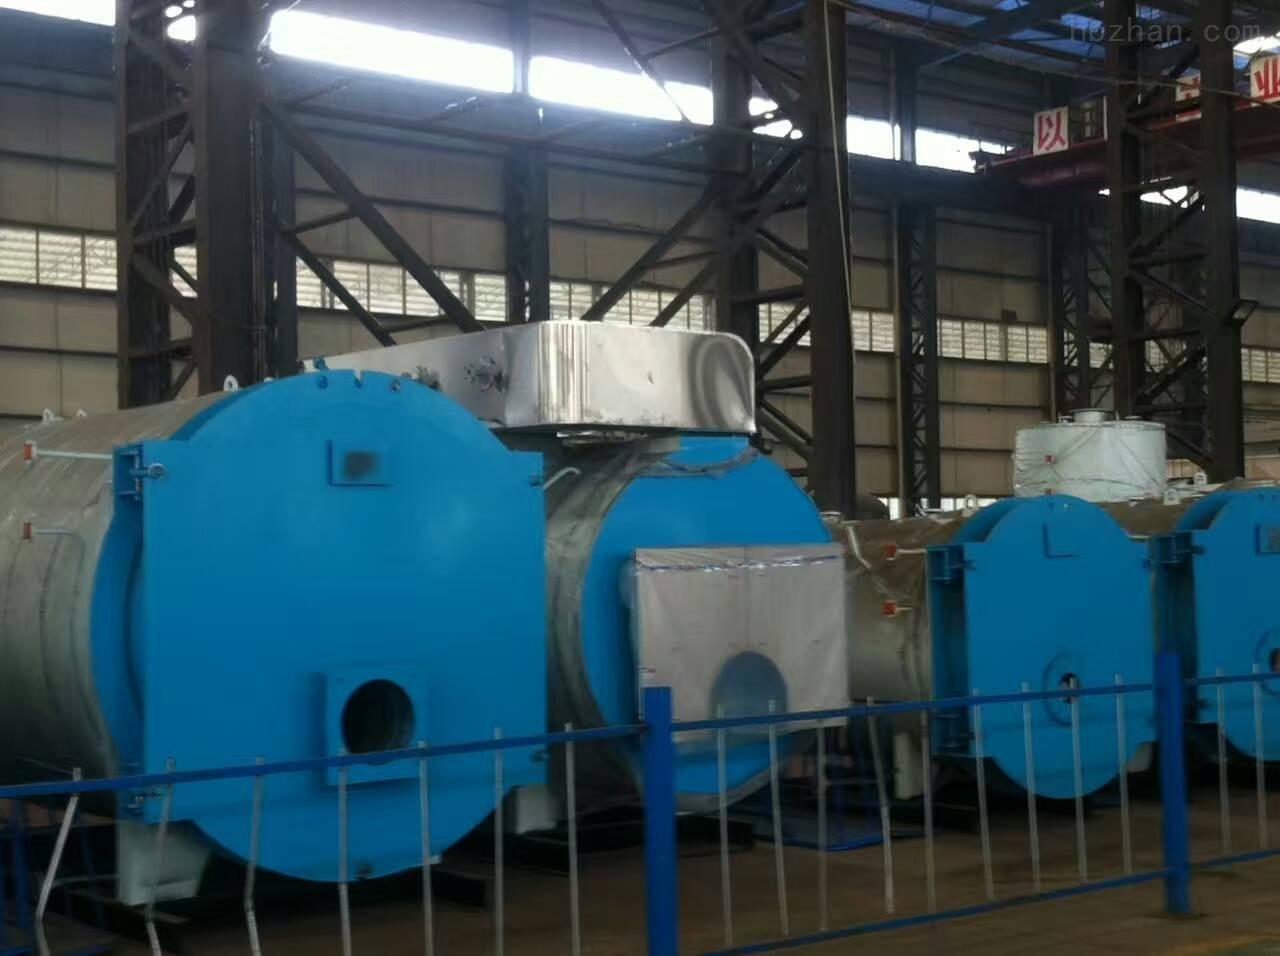 燃气热水锅炉为锅壳式全湿背式烟火管结构